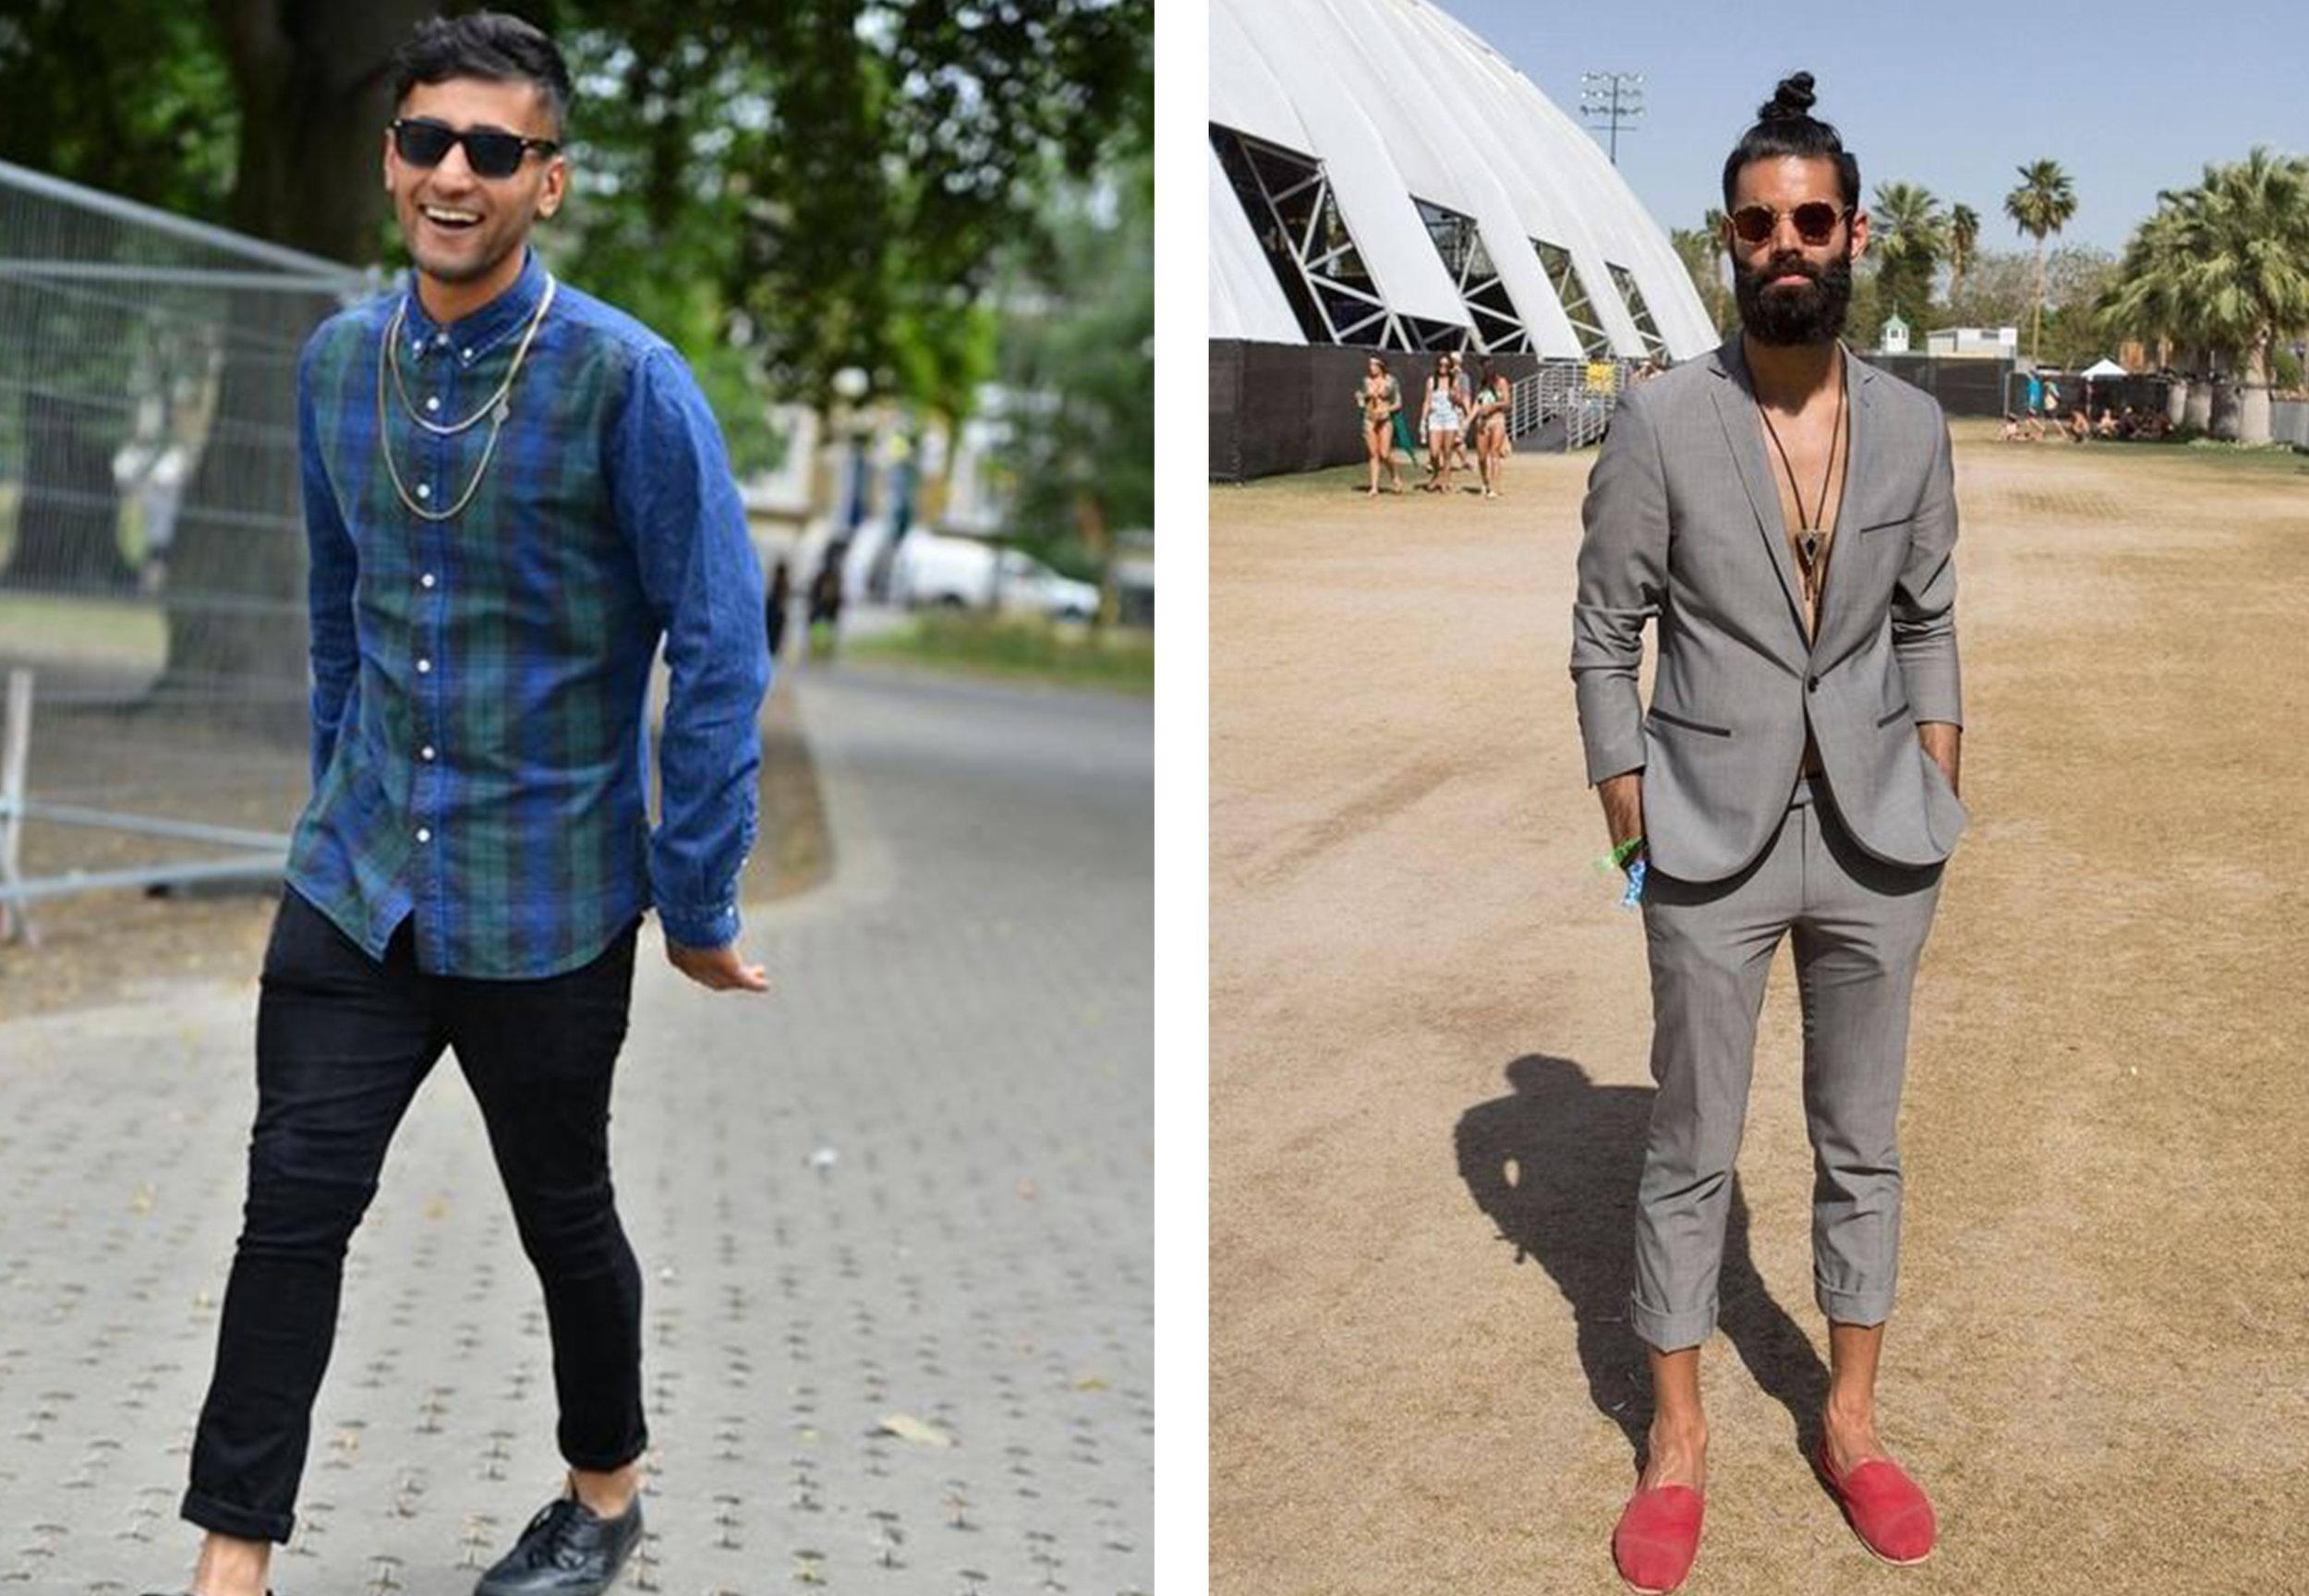 men festival images.jpg